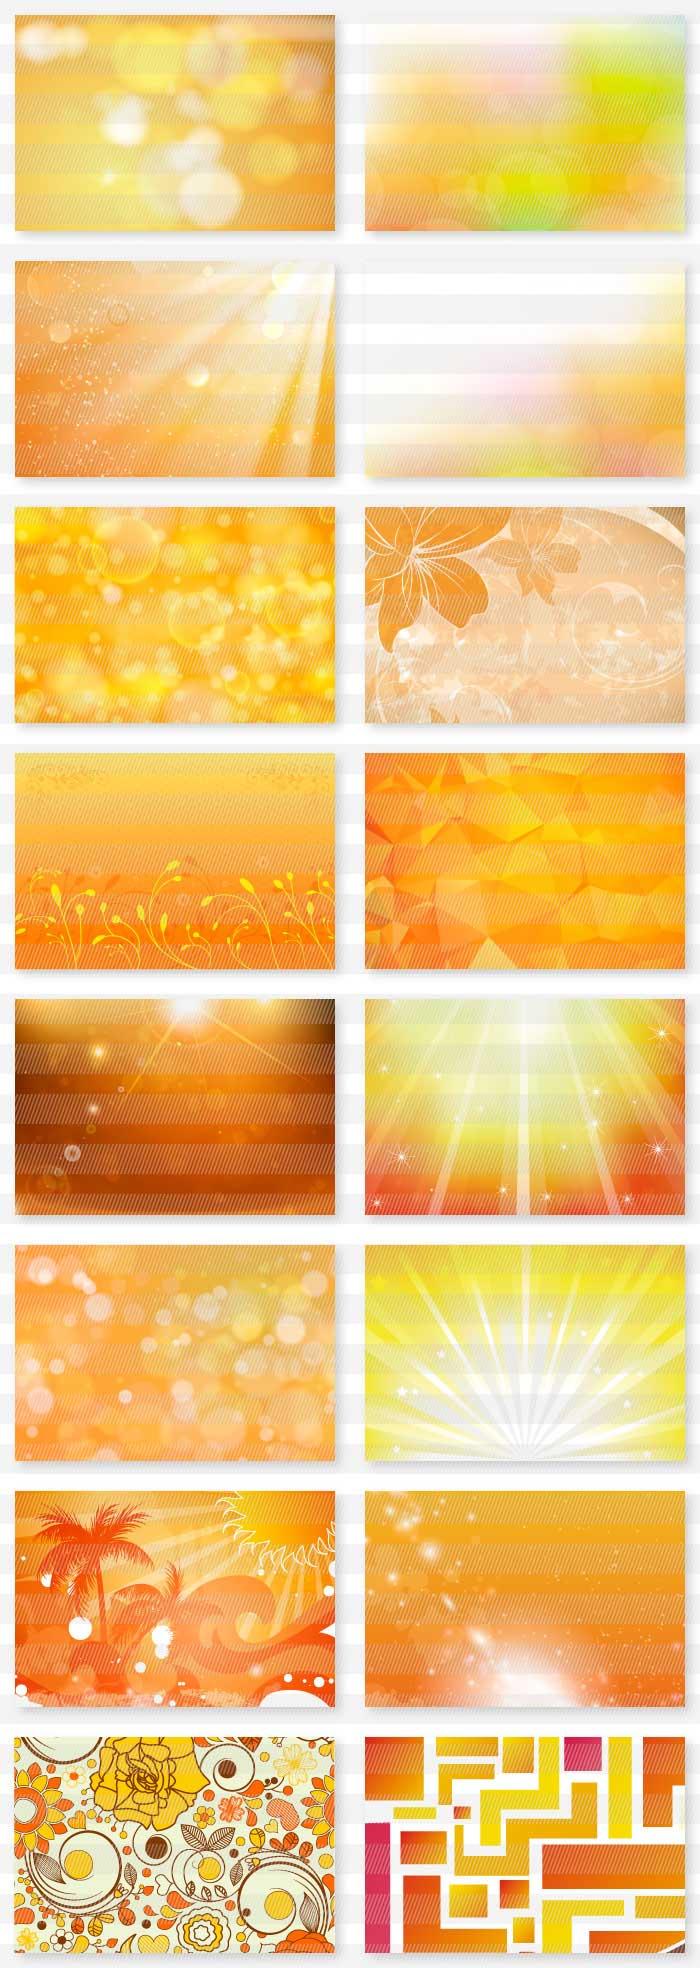 赤色・オレンジ色系の背景素材集| illustratorの背景素材集